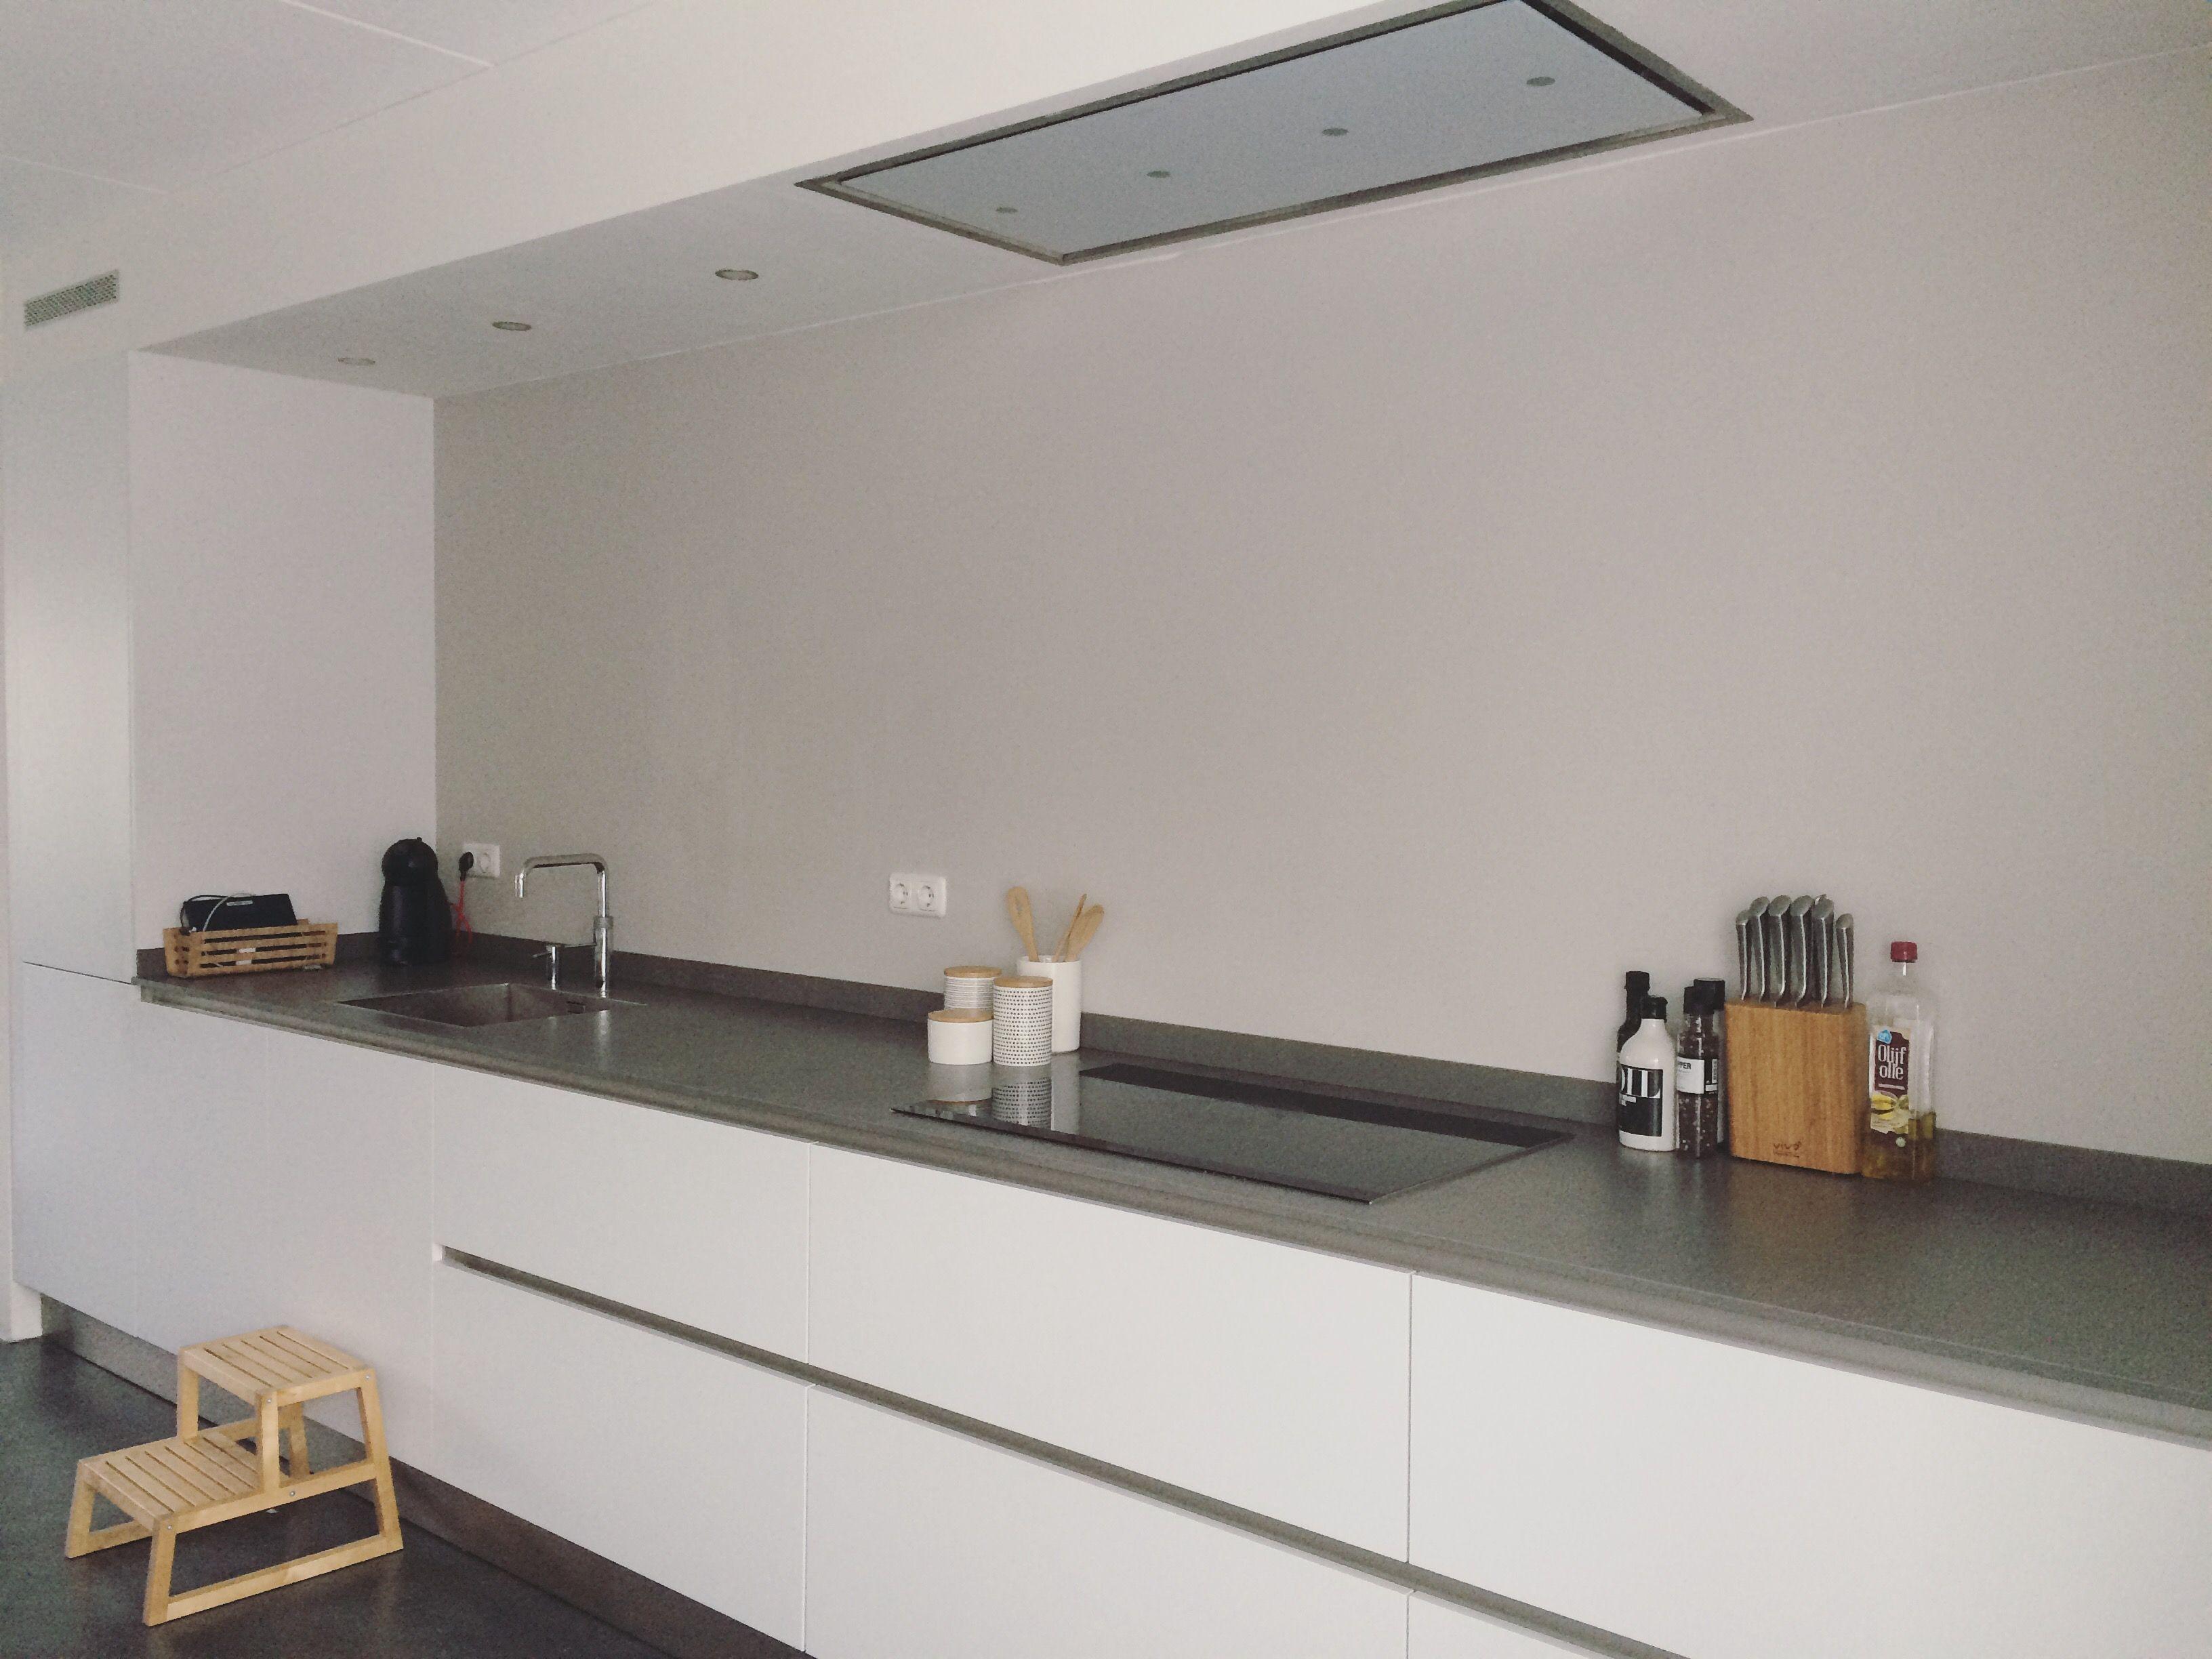 Afzuigkap In Plafond : Keuken witte keuken strakke keuken afzuigkap in koof in plafond